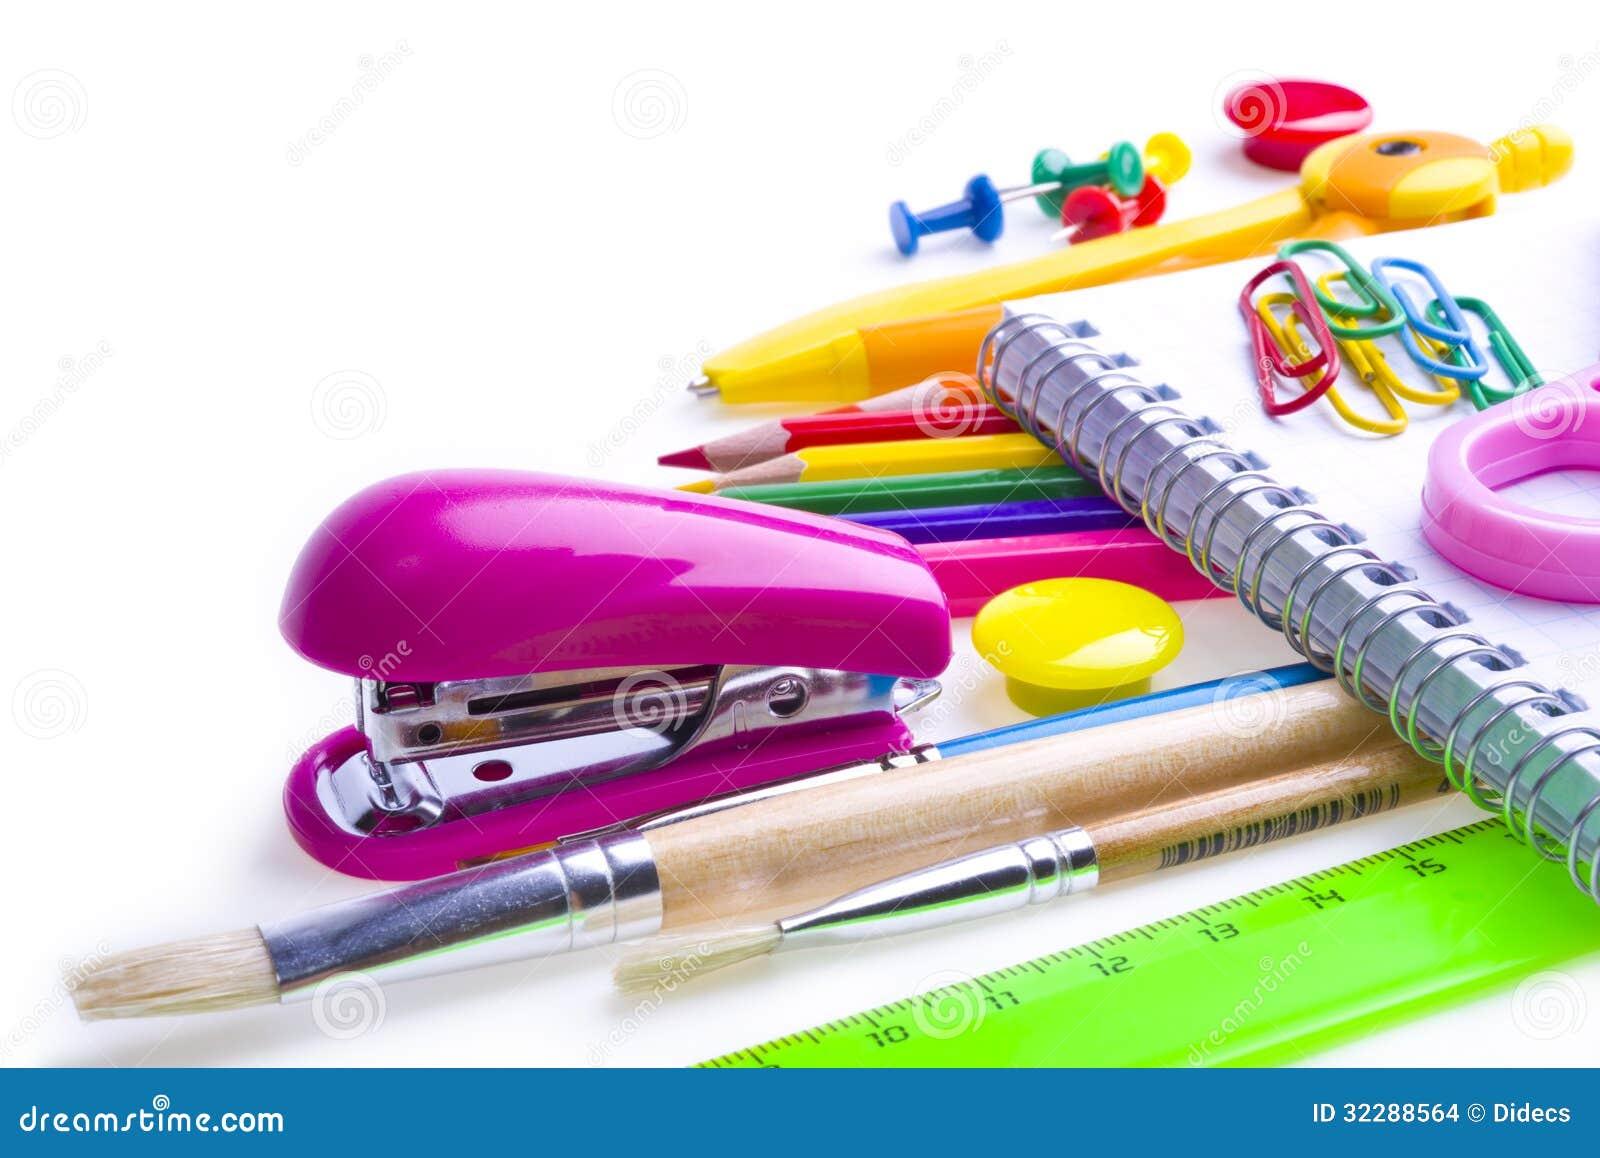 Escuela y materiales de oficina foto de archivo imagen for Material de oficina